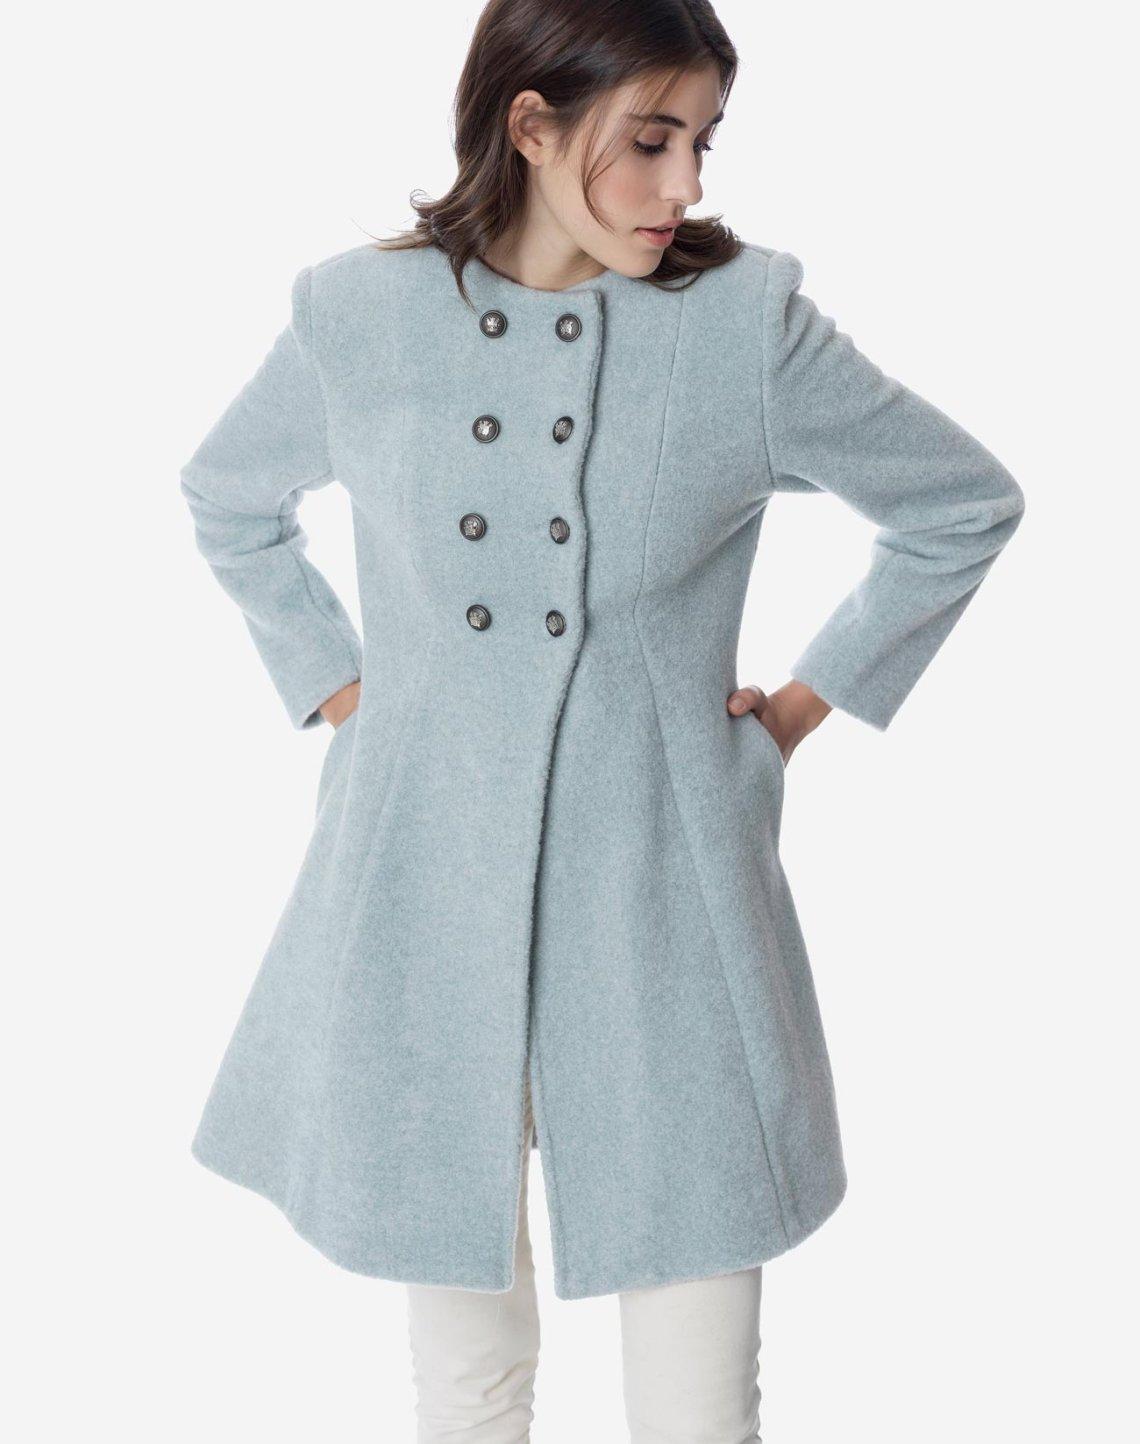 Σταυρωτό παλτό